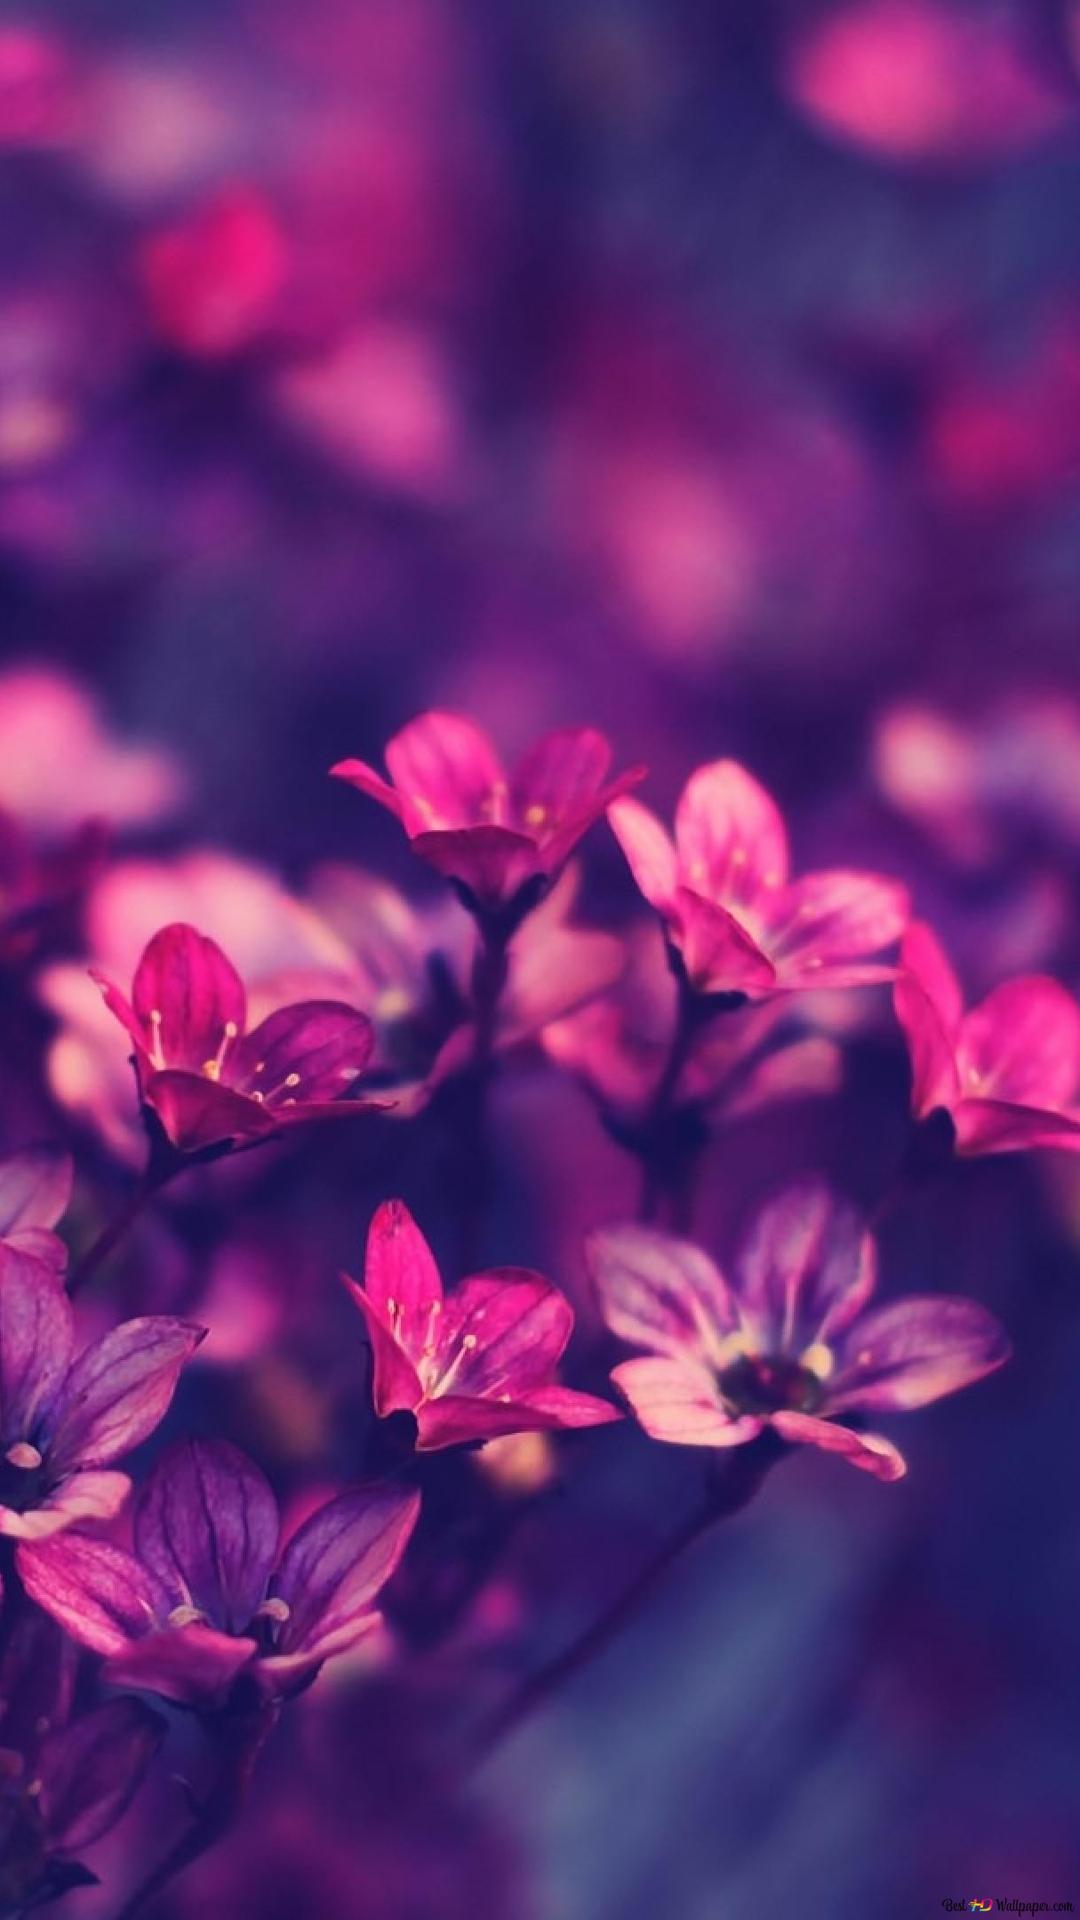 Natur Lila Blumen Hintergrund Hd Hintergrundbilder Herunterladen